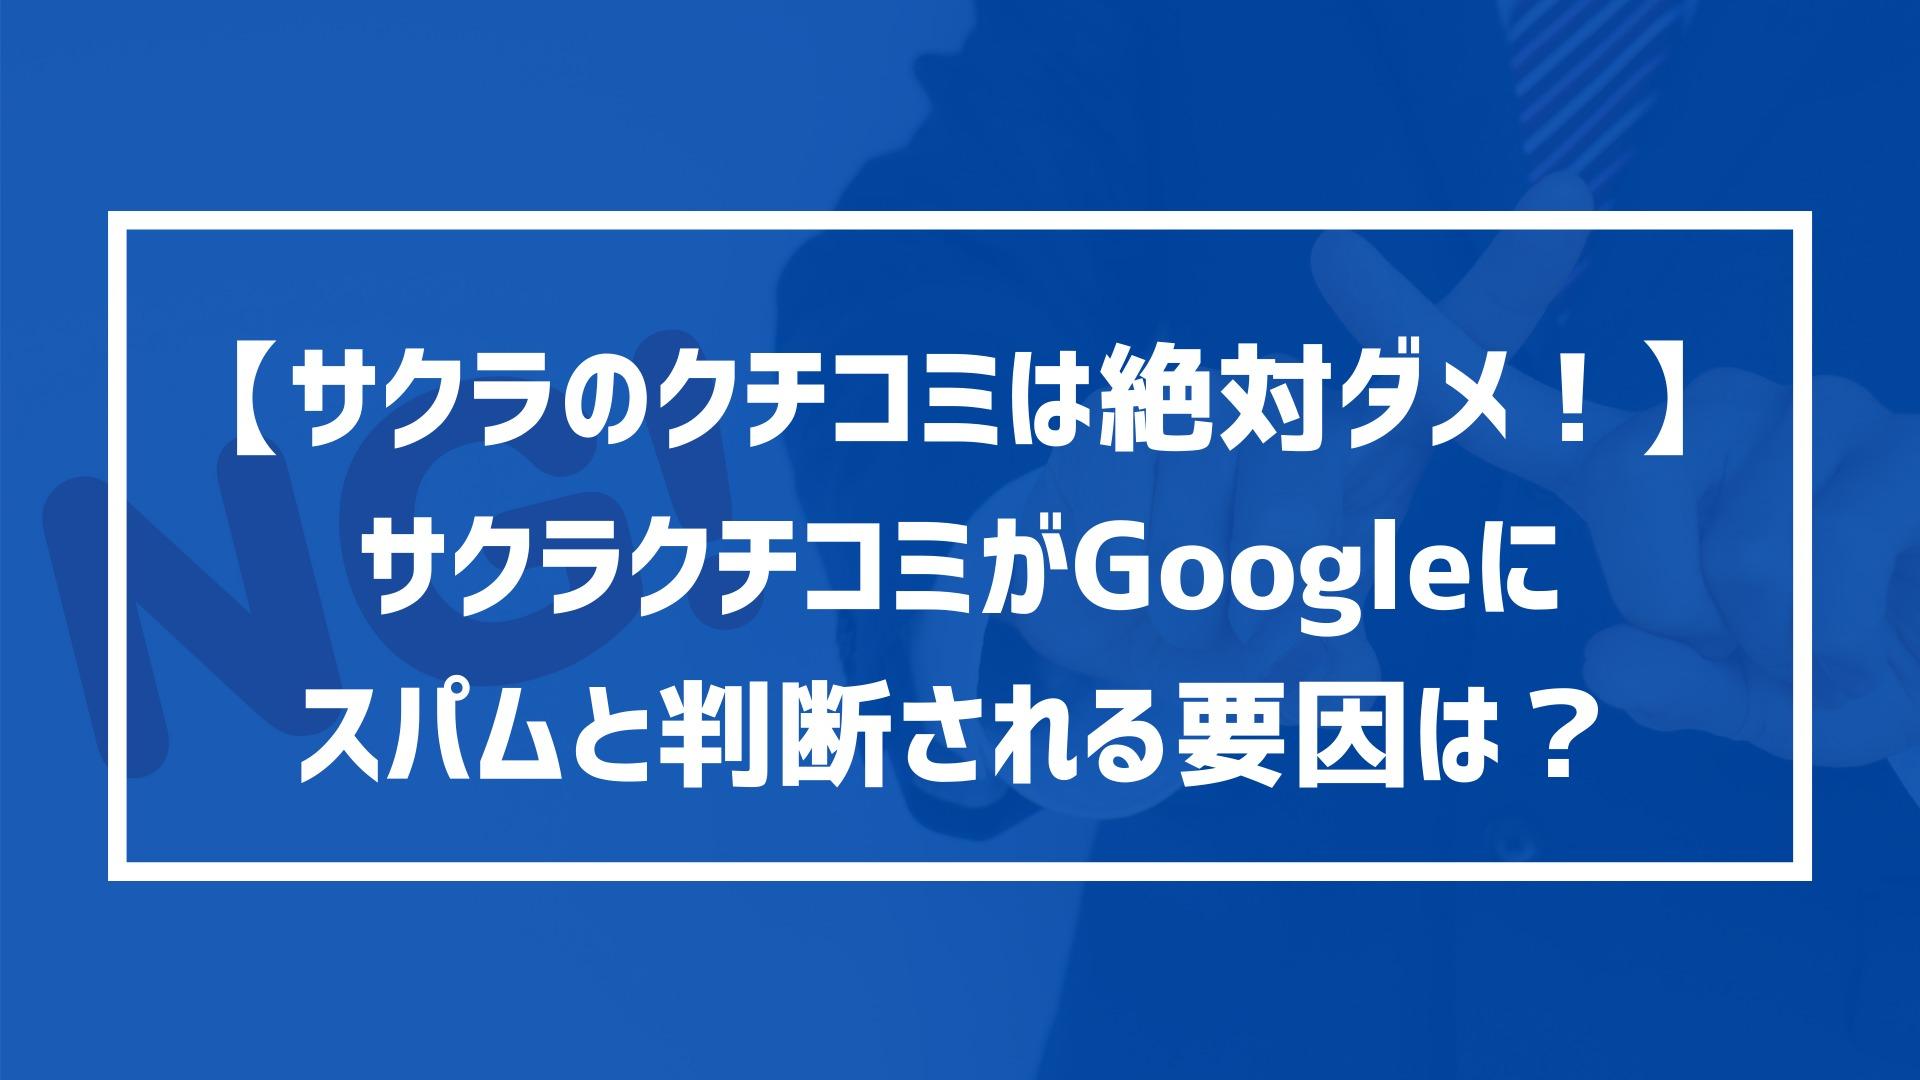 【サクラのクチコミは絶対ダメ!】サクラクチコミがGoogleにスパムと判断される要因は?